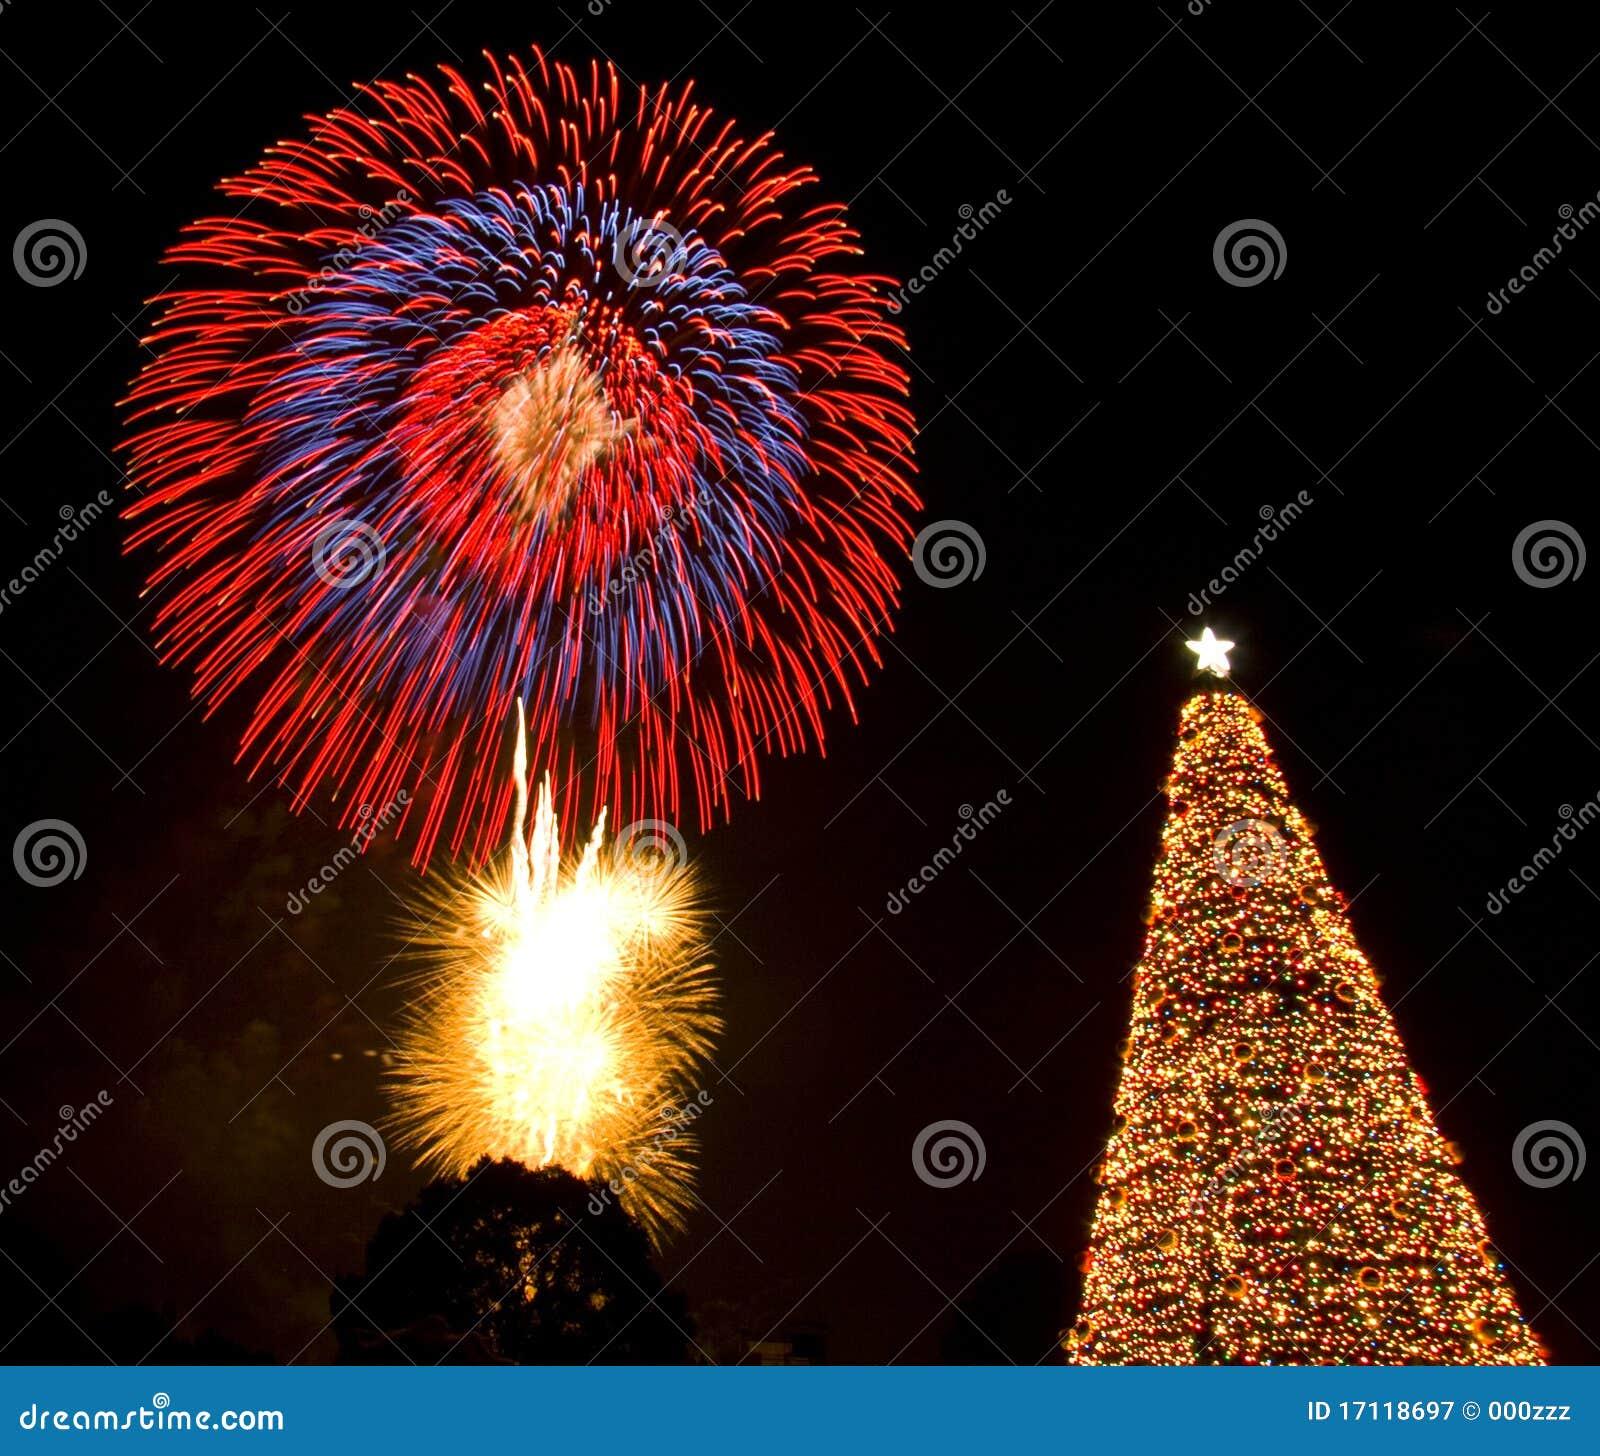 Rbol de navidad y fuegos artificiales fotograf a de - Arboles de navidad artificiales ...